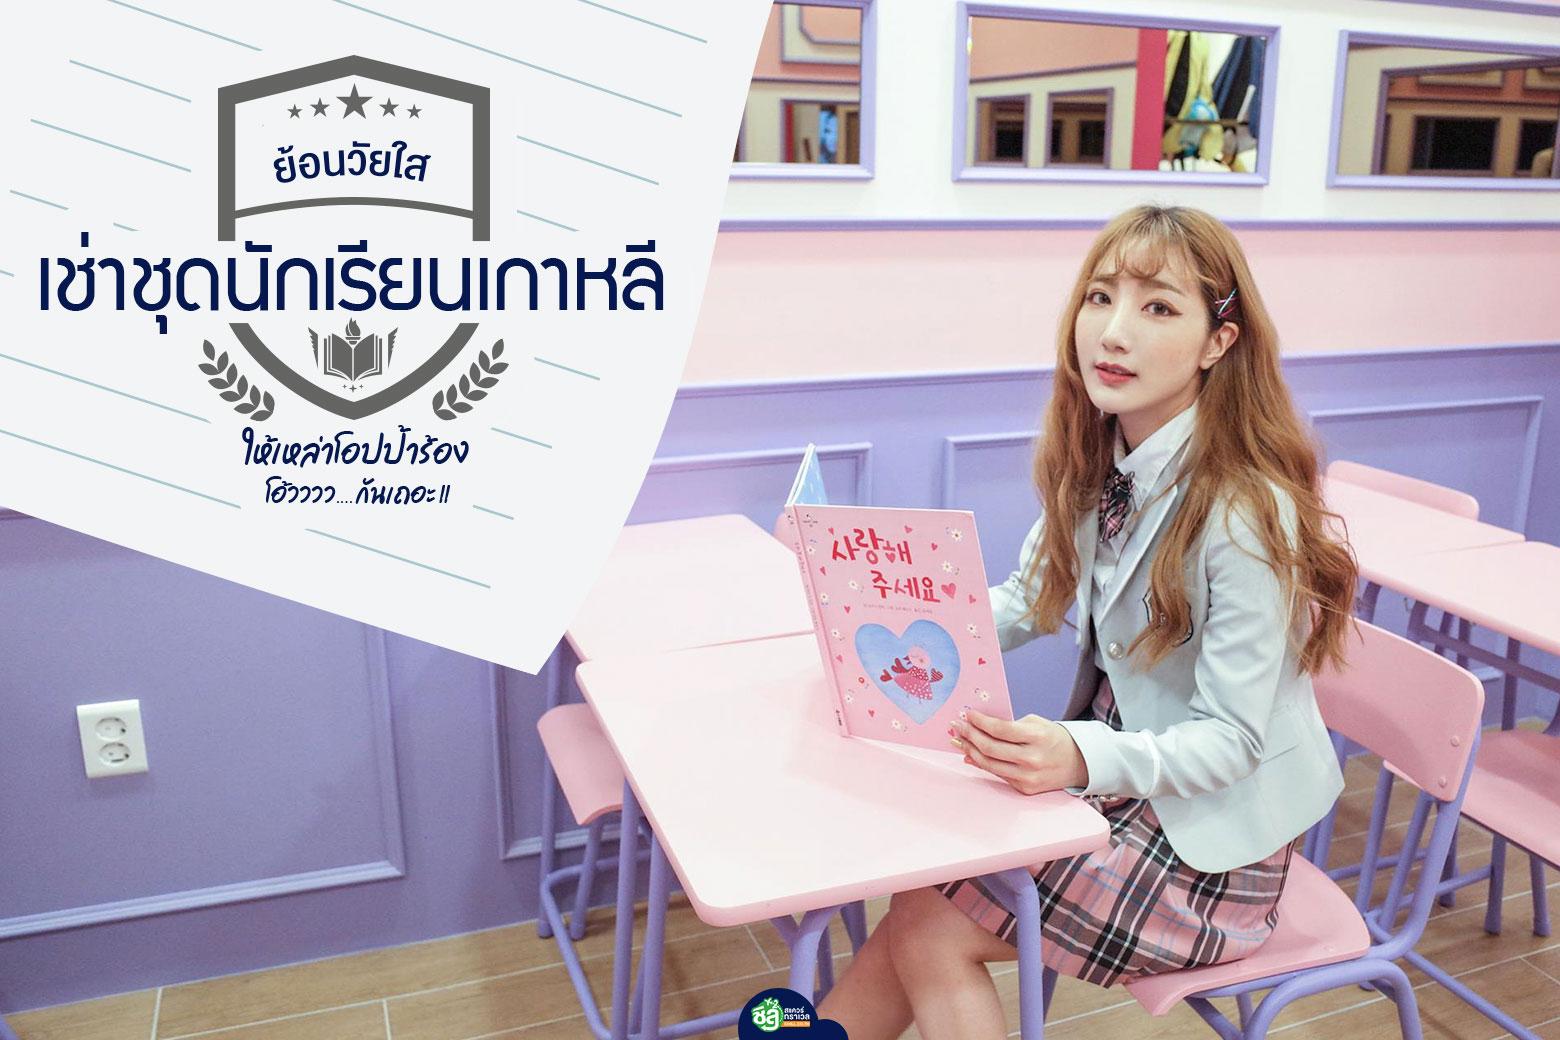 ย้อนวัยใส~ มาเช่าชุดนักเรียนเกาหลีใส่โก้ๆ ให้เหล่าโอปป้าร้อง โอ้ว! กันเถอะ